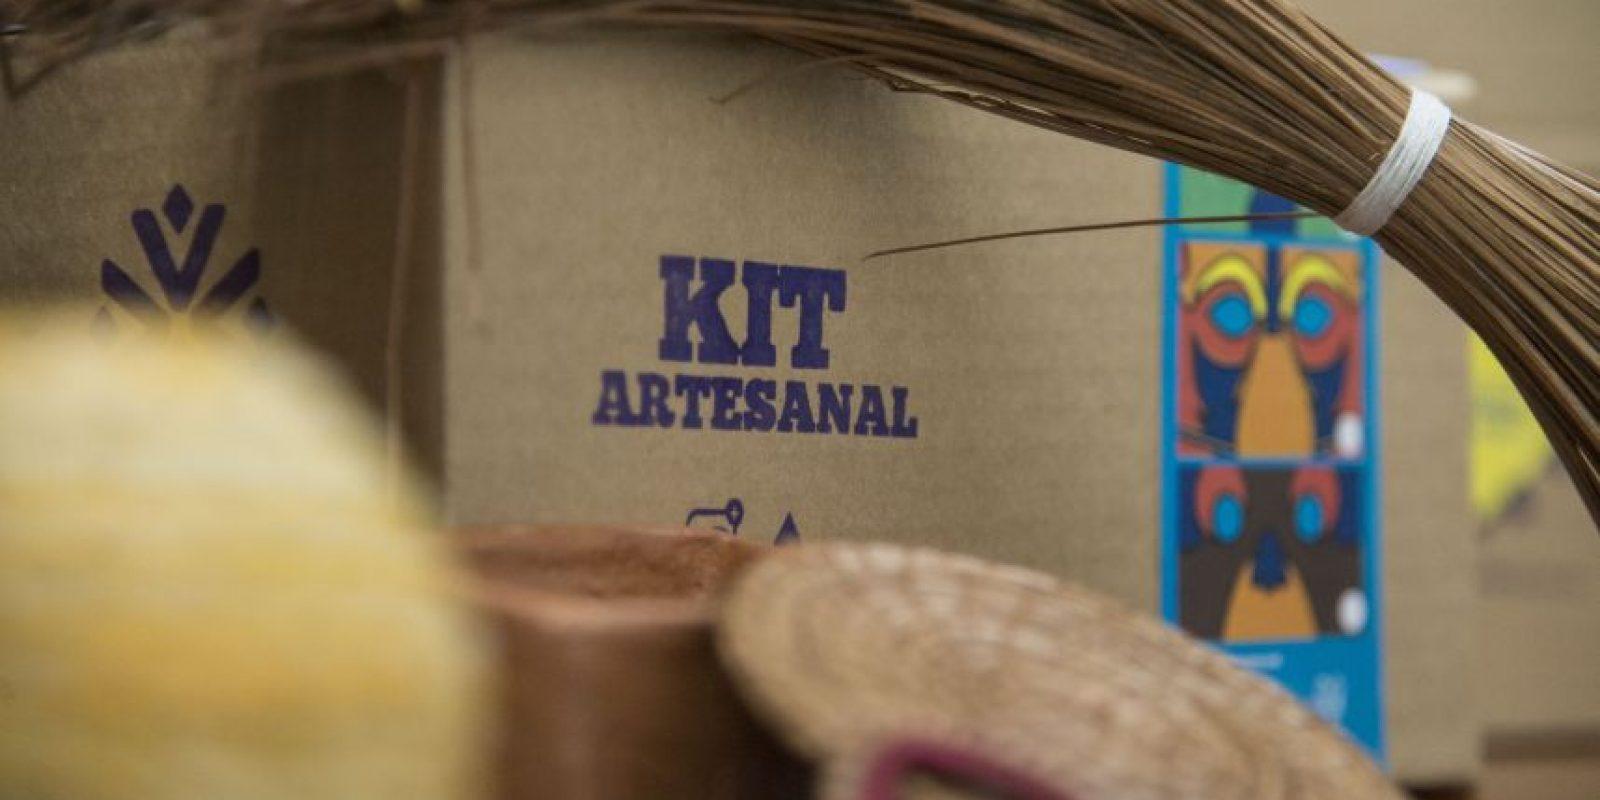 Los kits artesanales integran diferentes materiales, como pino y maguey. Foto:Luis Carlos Nájera